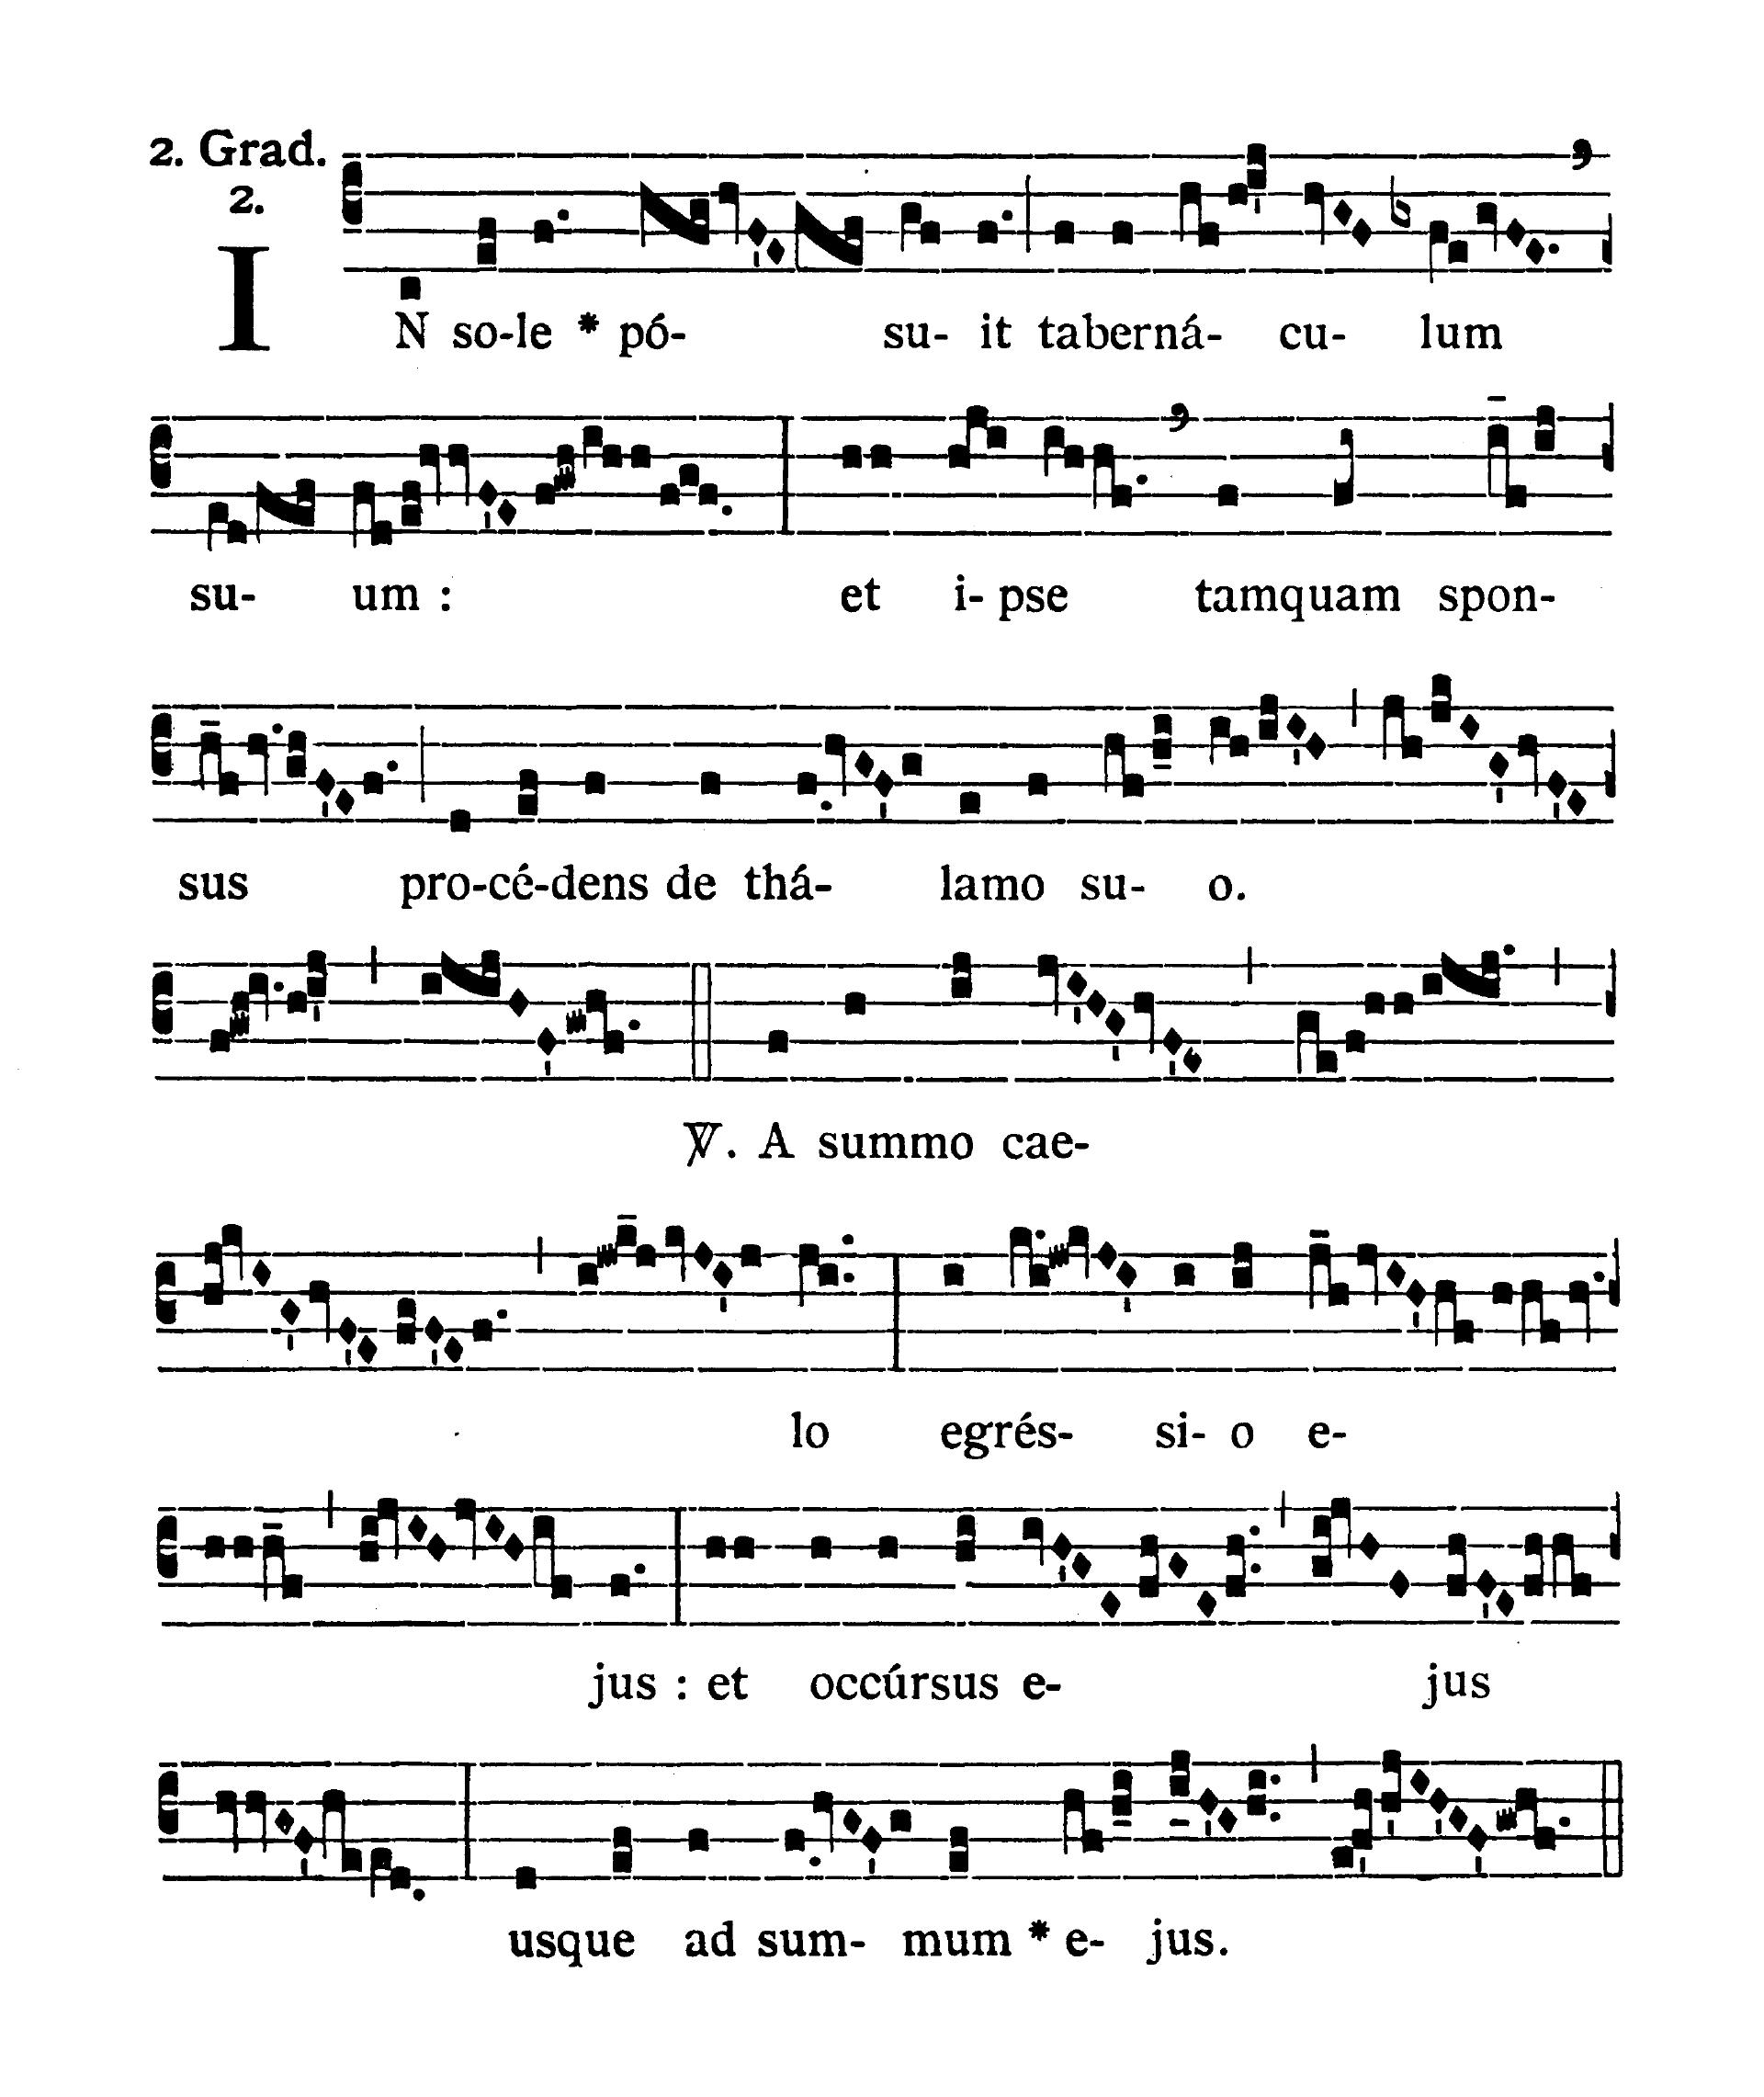 Sabbato Quatuor Temporum Adventus (sobota suchych dni Adwentu) - Graduale (In sole posuit)